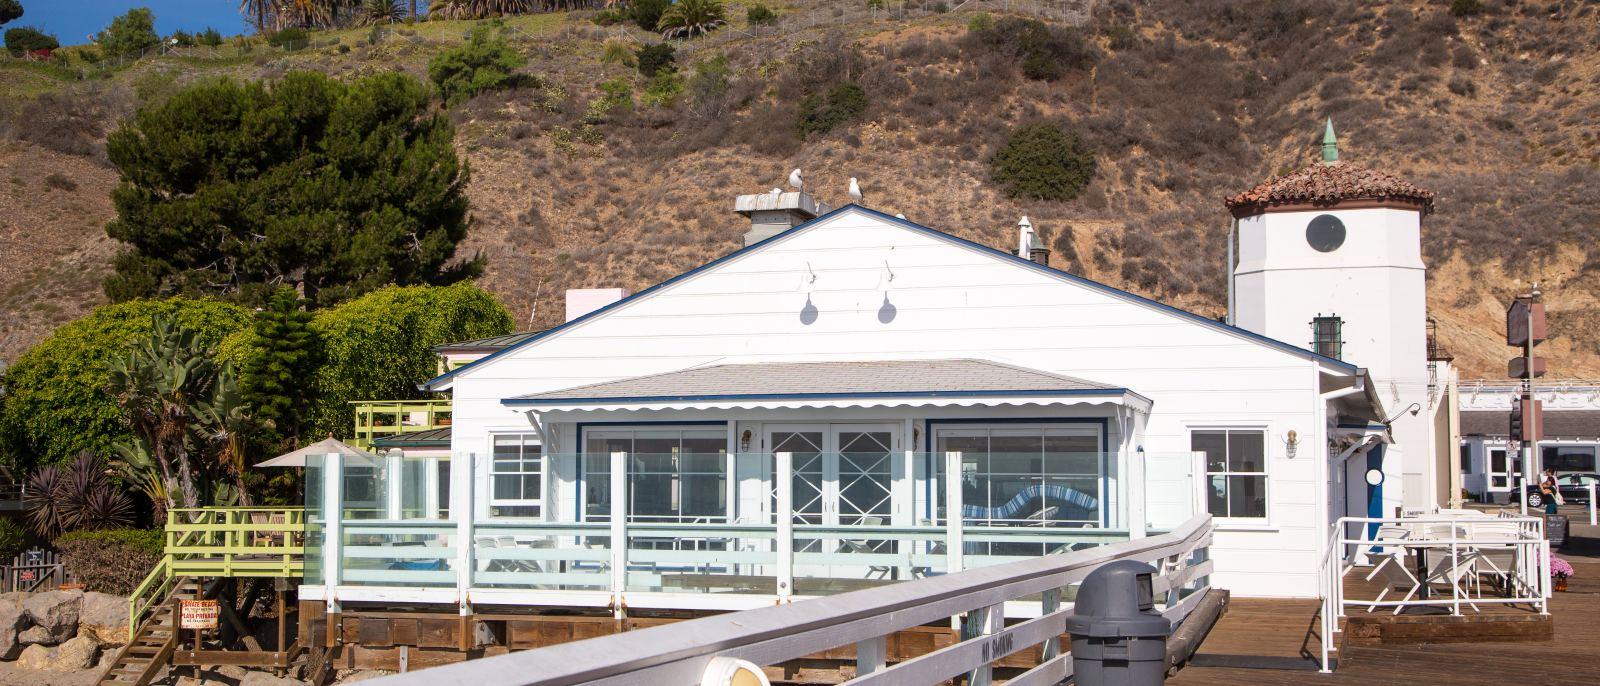 Malibu Farm Restaurant & Malibu Farm Cafe